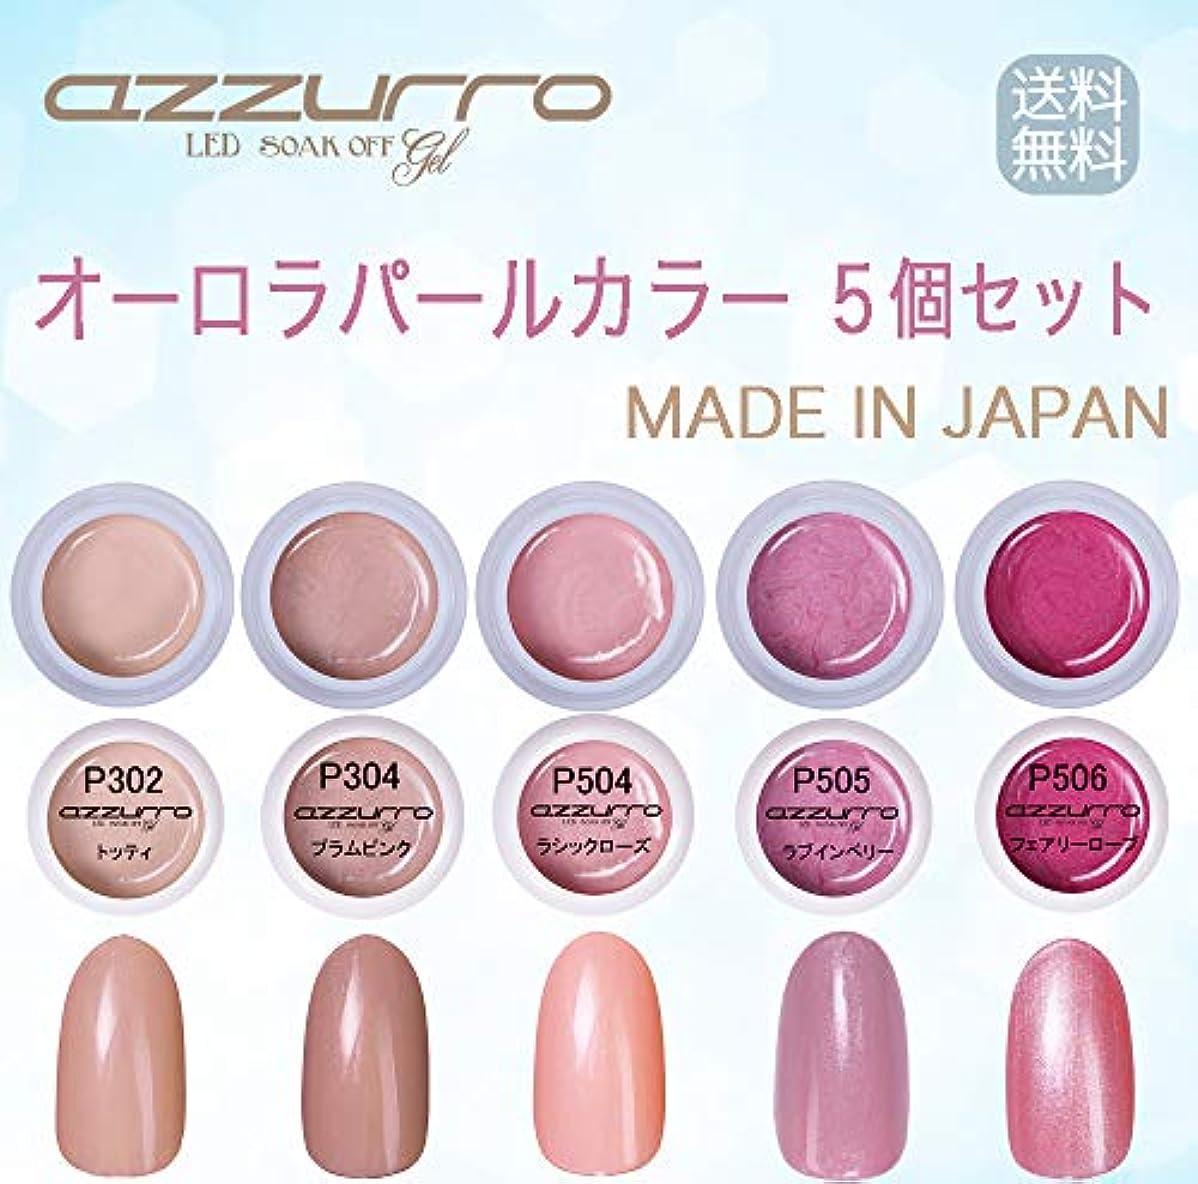 バイナリ潜在的な脚本家【送料無料】日本製 azzurro gel オーロラパール ジェル5個セット 上品な輝きのパールカラー